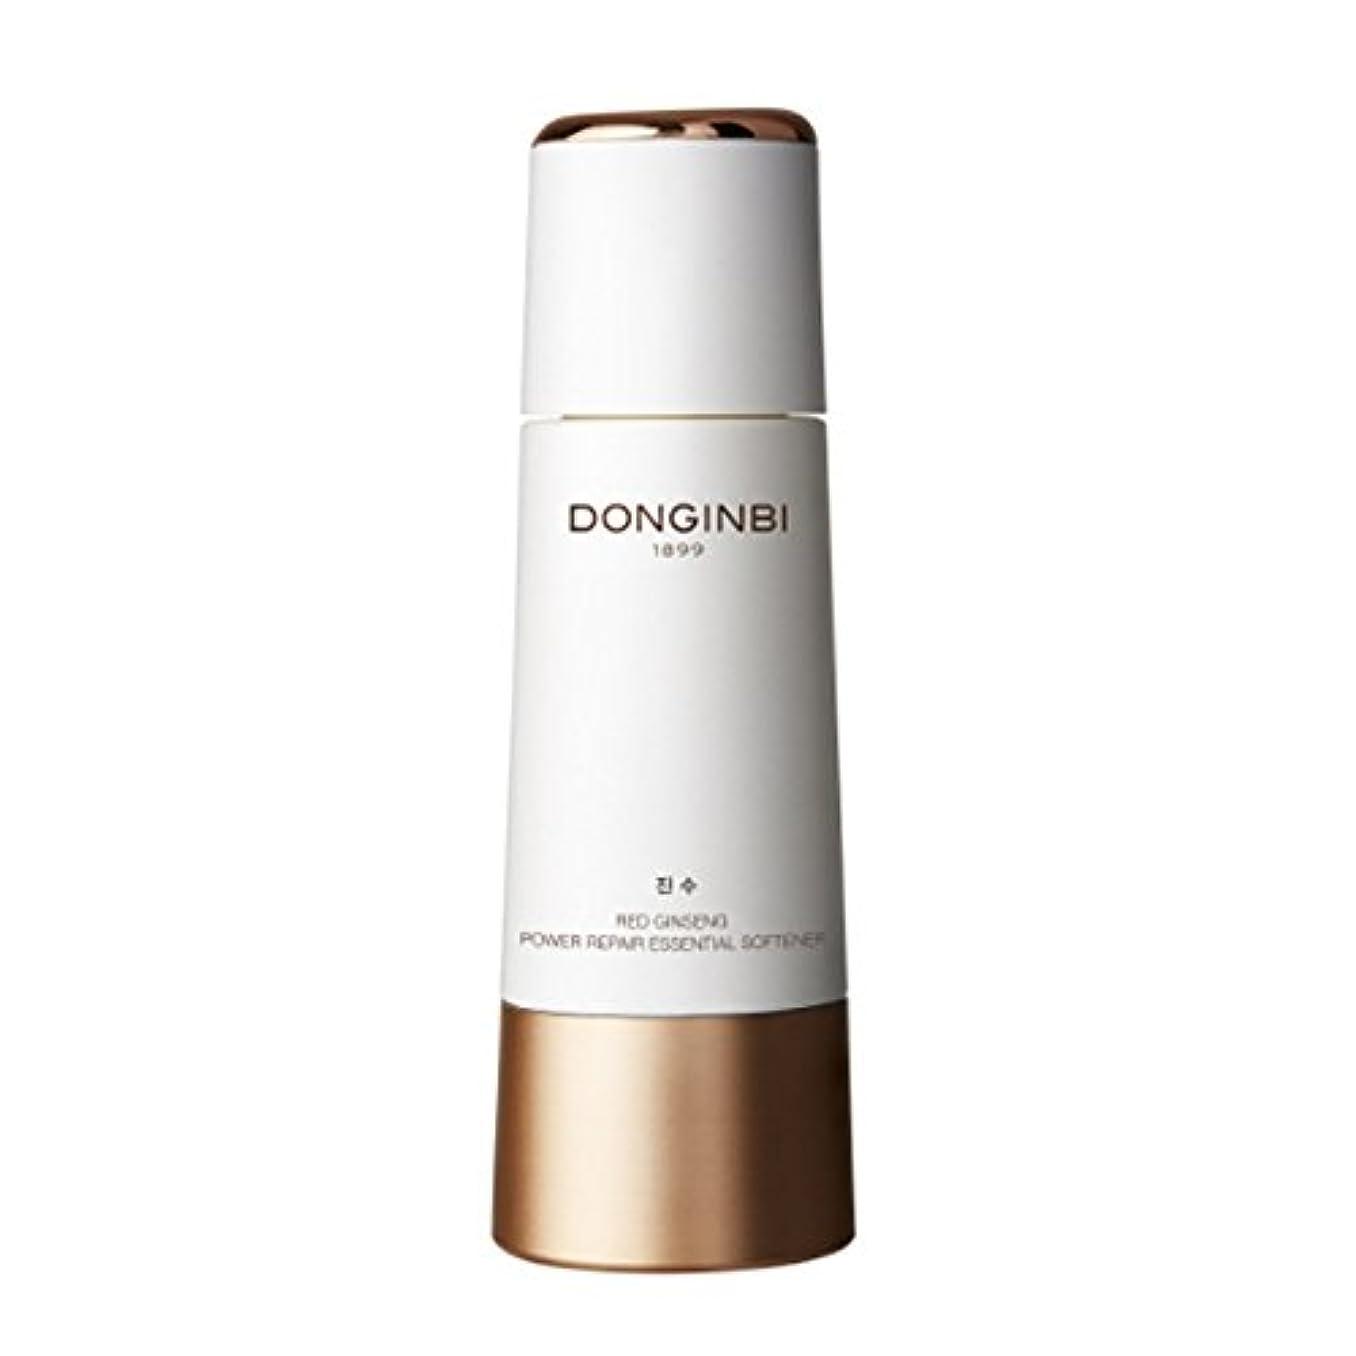 節約するスリップシューズ出身地[ドンインビ]DONGINBI ドンインビ ジン化粧水 130ml 海外直送品 toner130ml [並行輸入品]